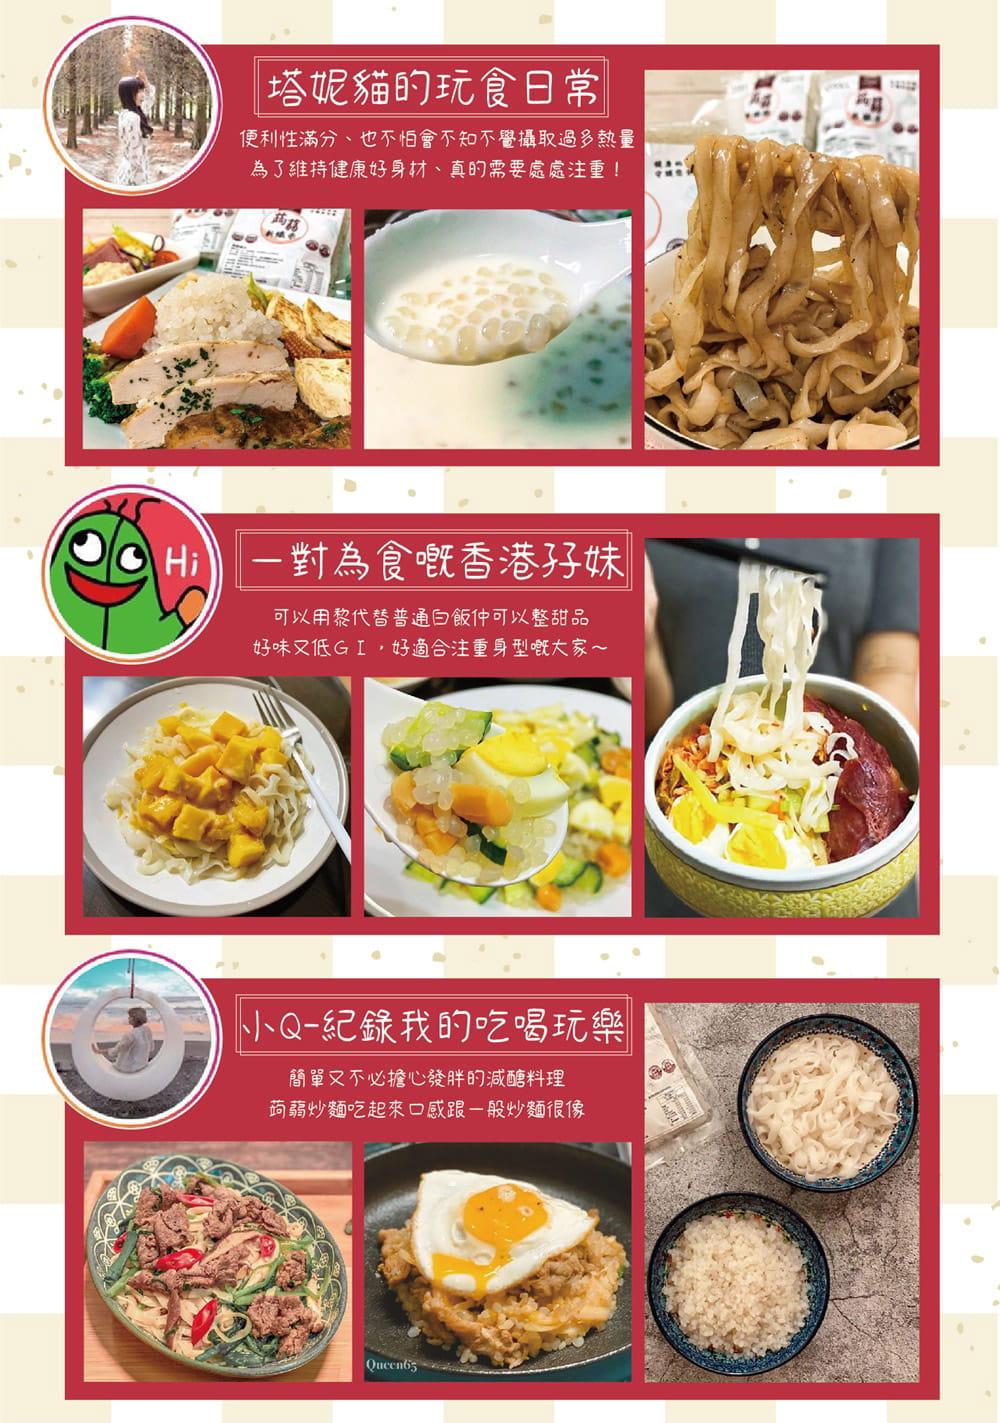 【搭嘴好食】低卡蒟蒻纖麵 輕食蒟蒻麵 7